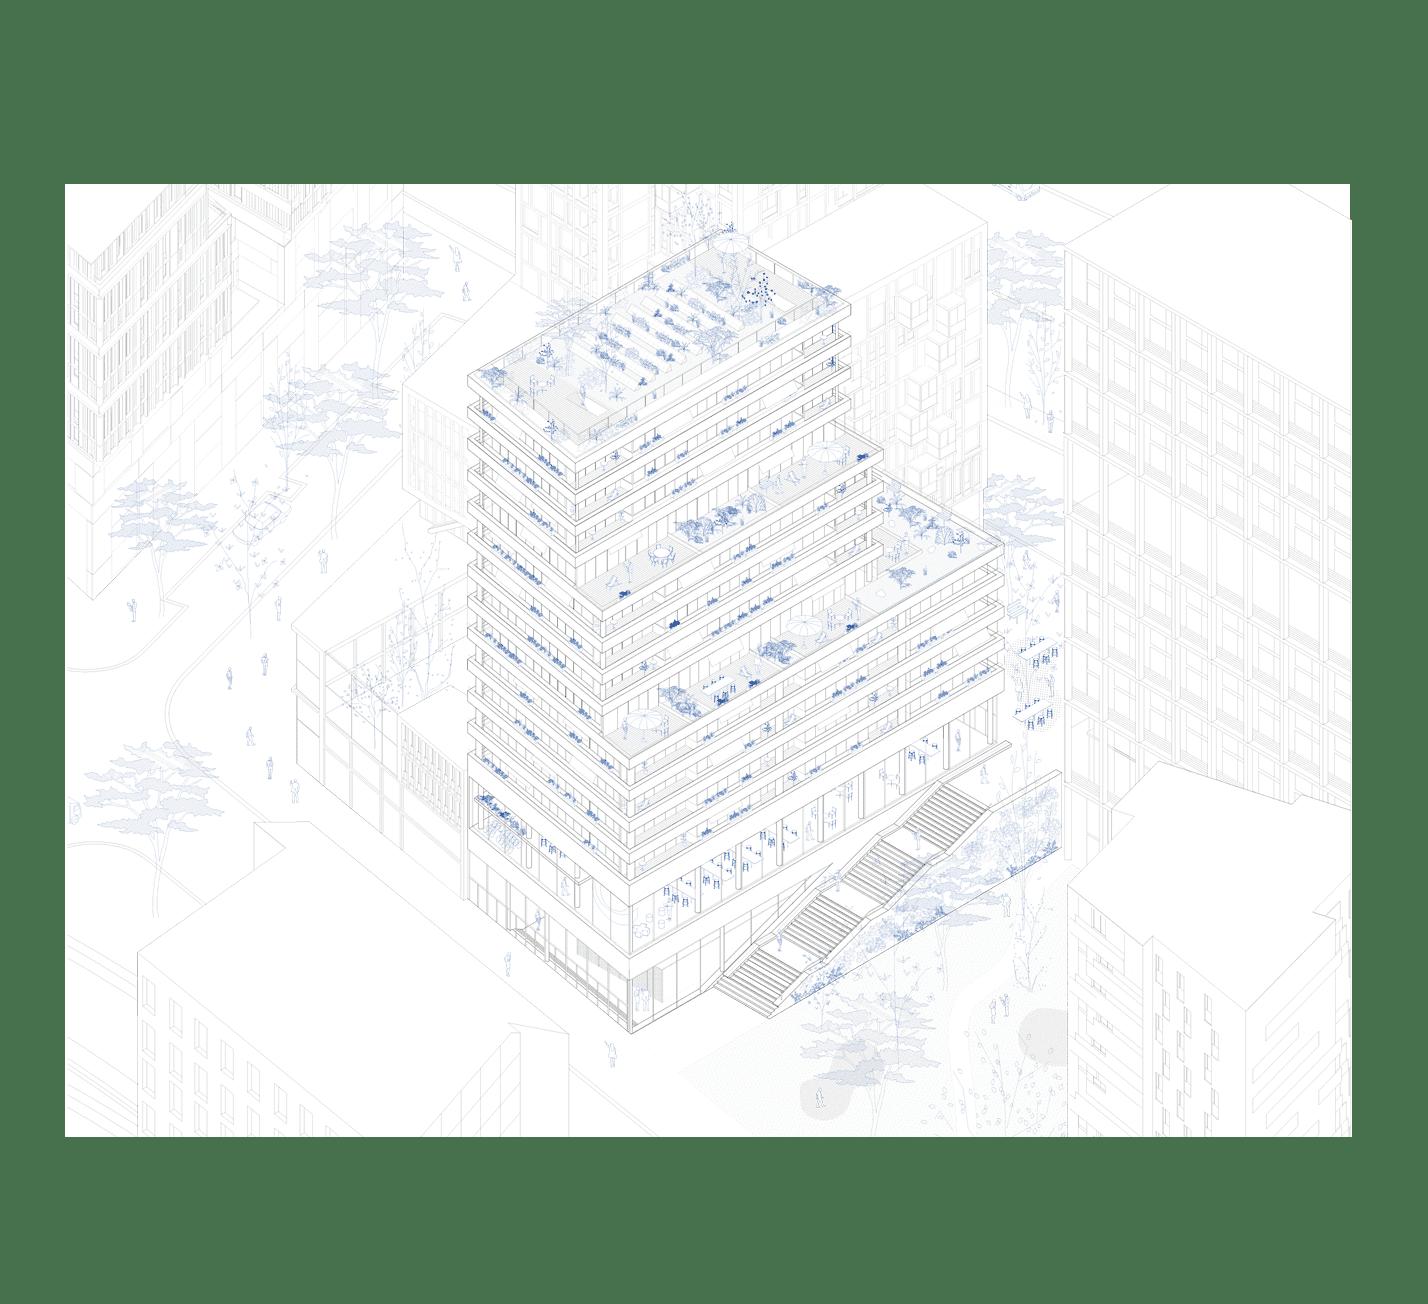 B1A5-logements-concours-architecture-paris-construction-atelier-steve-Axo